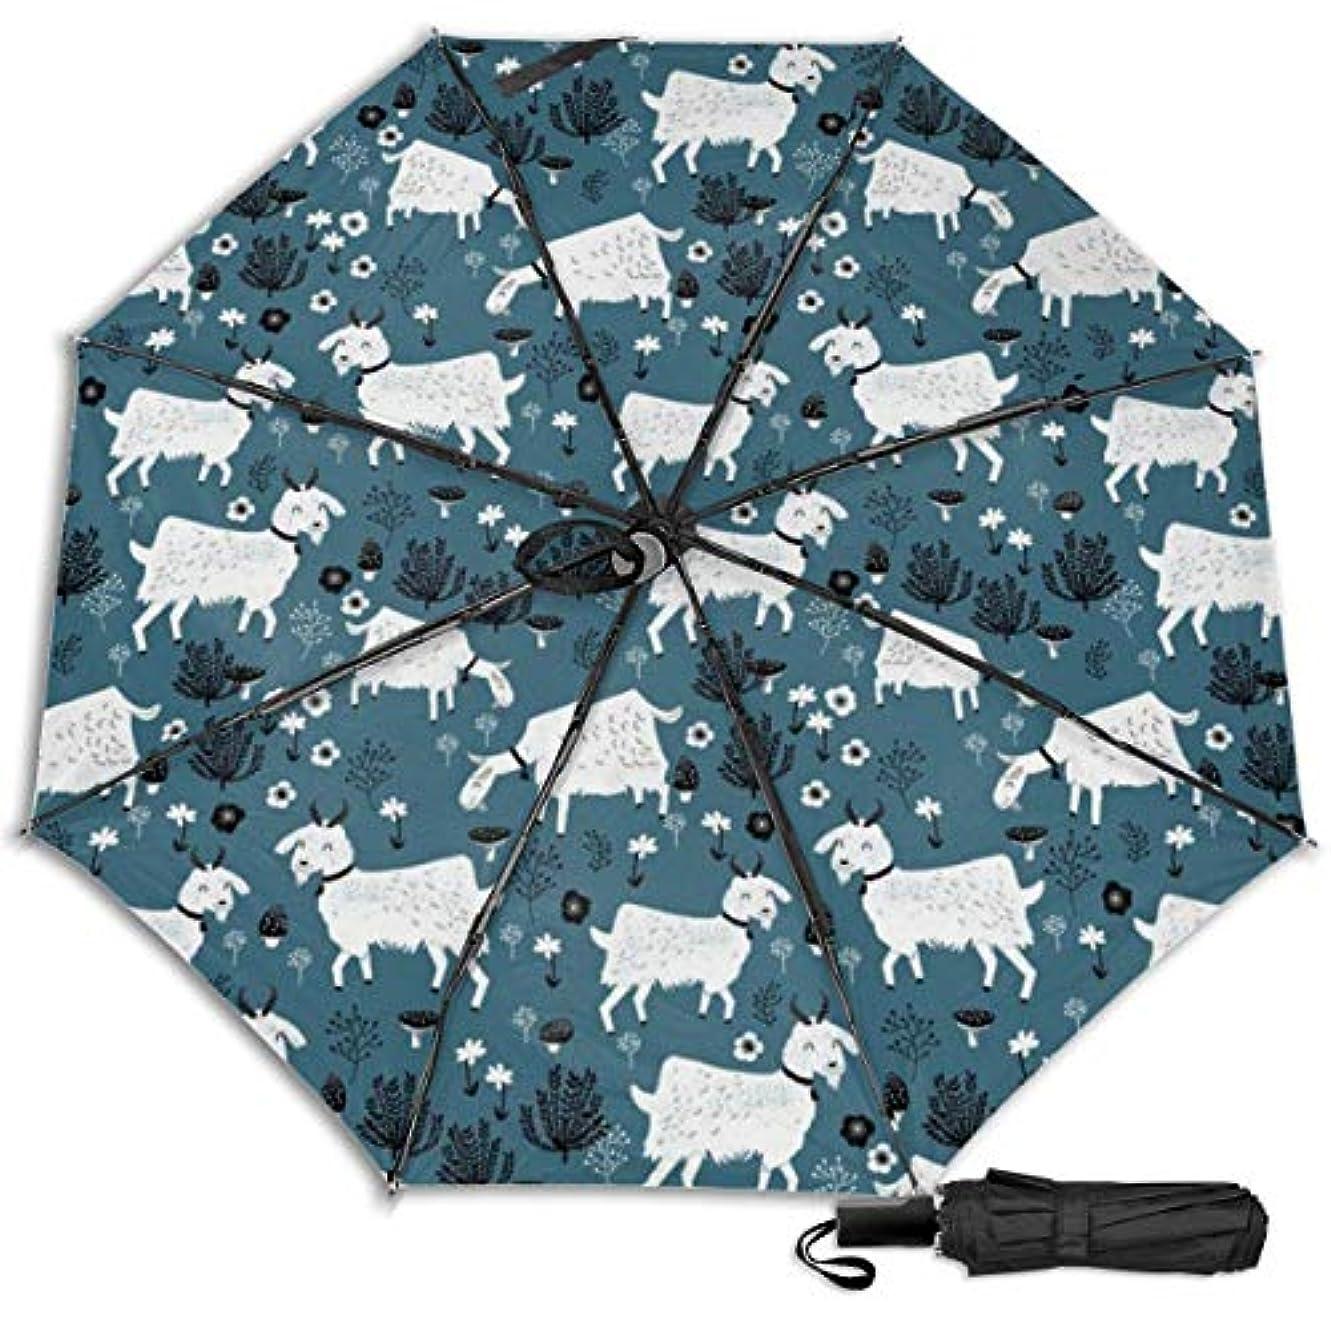 たらいエッセンス発疹ヤギの赤ちゃん農場の動物日傘 折りたたみ日傘 折り畳み日傘 超軽量 遮光率100% UVカット率99.9% UPF50+ 紫外線対策 遮熱効果 晴雨兼用 携帯便利 耐風撥水 手動 男女兼用